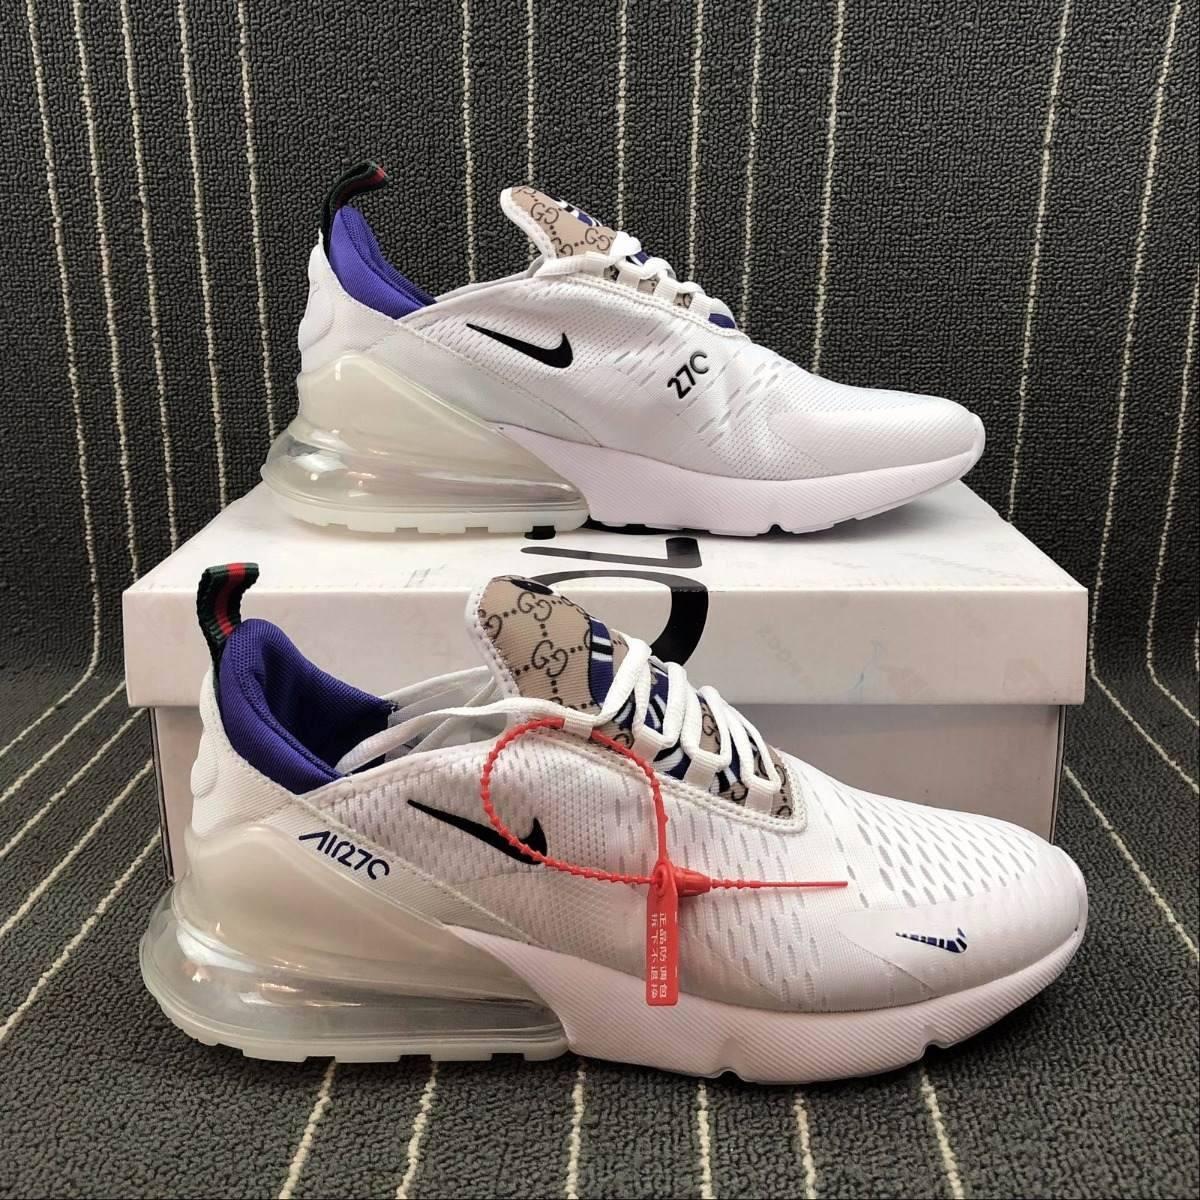 436495d8f672fb Tenis Nike Air Max 270 Gucci -   159.900 en Mercado Libre